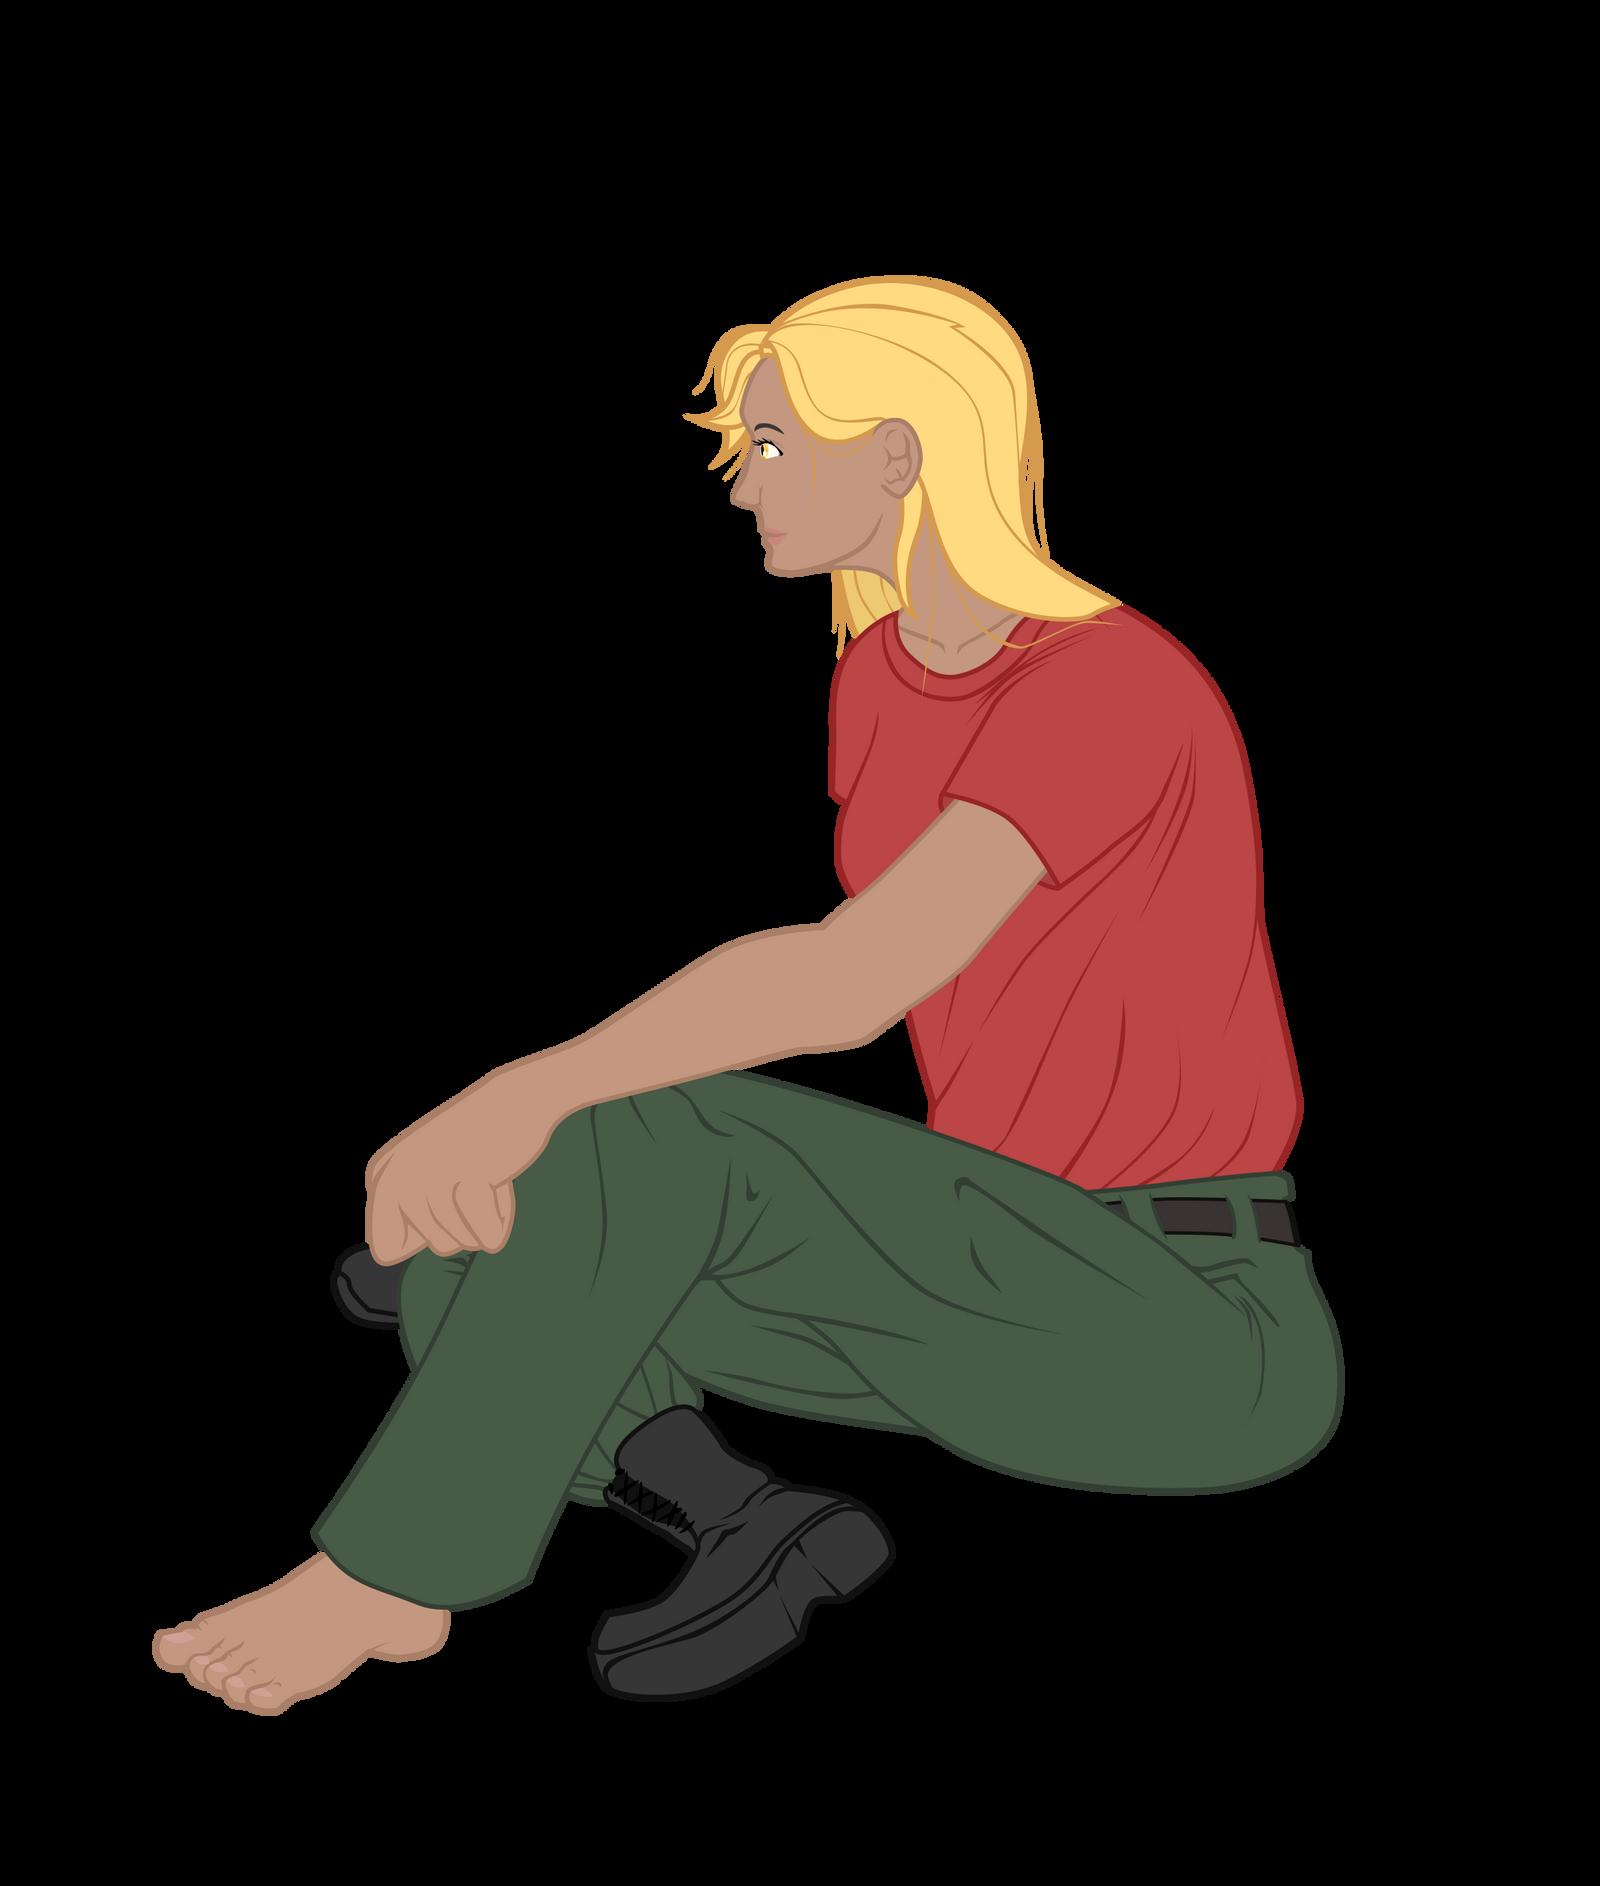 Human Posada by AaronMk